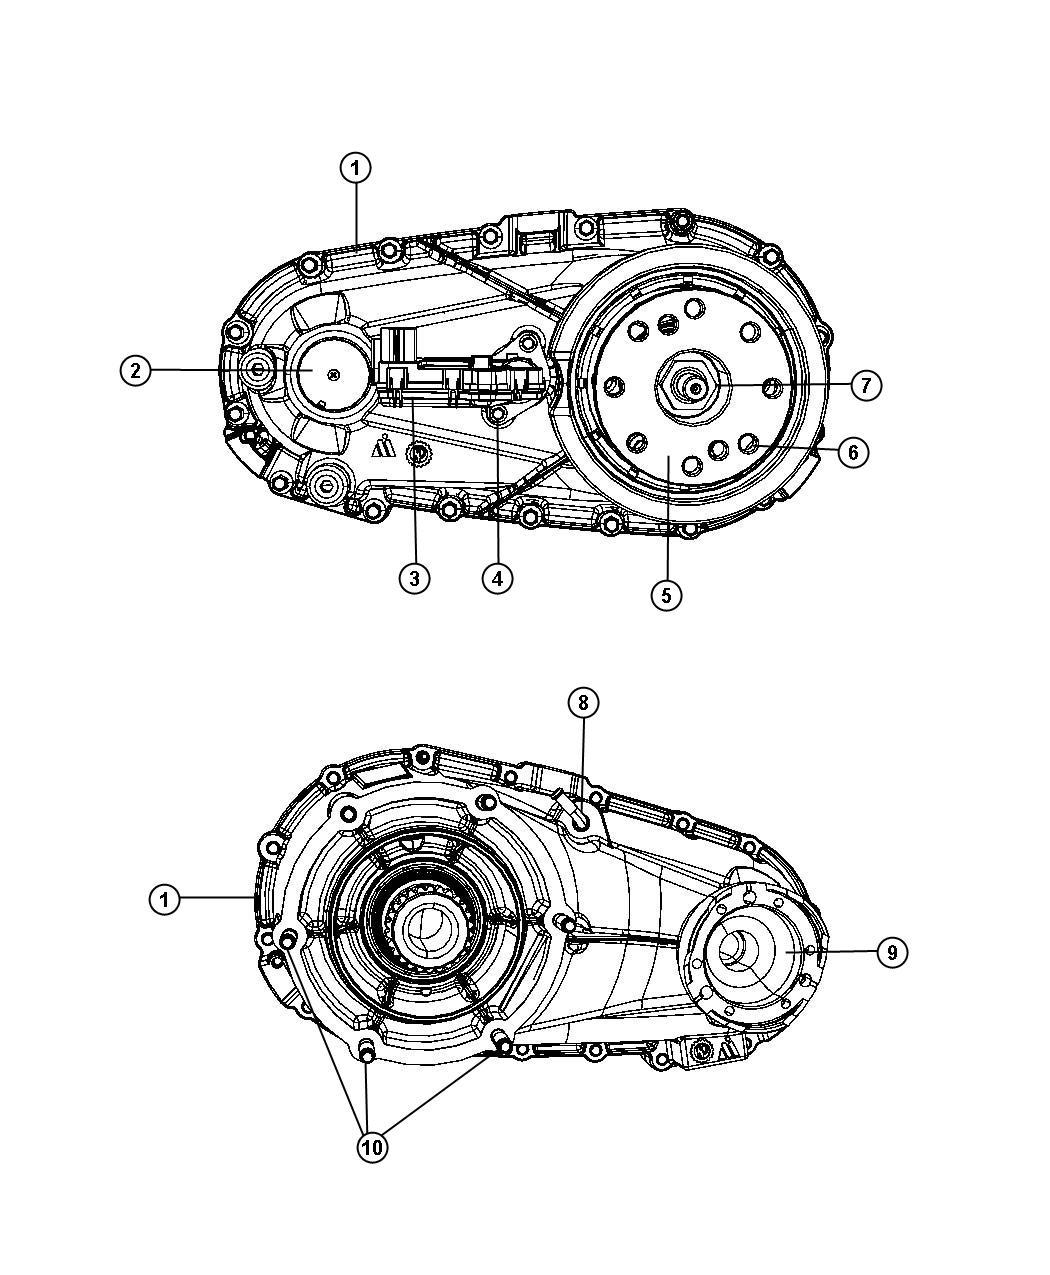 Dodge NITRO Transfer case. Nvg143. [eno] [5-speed auto